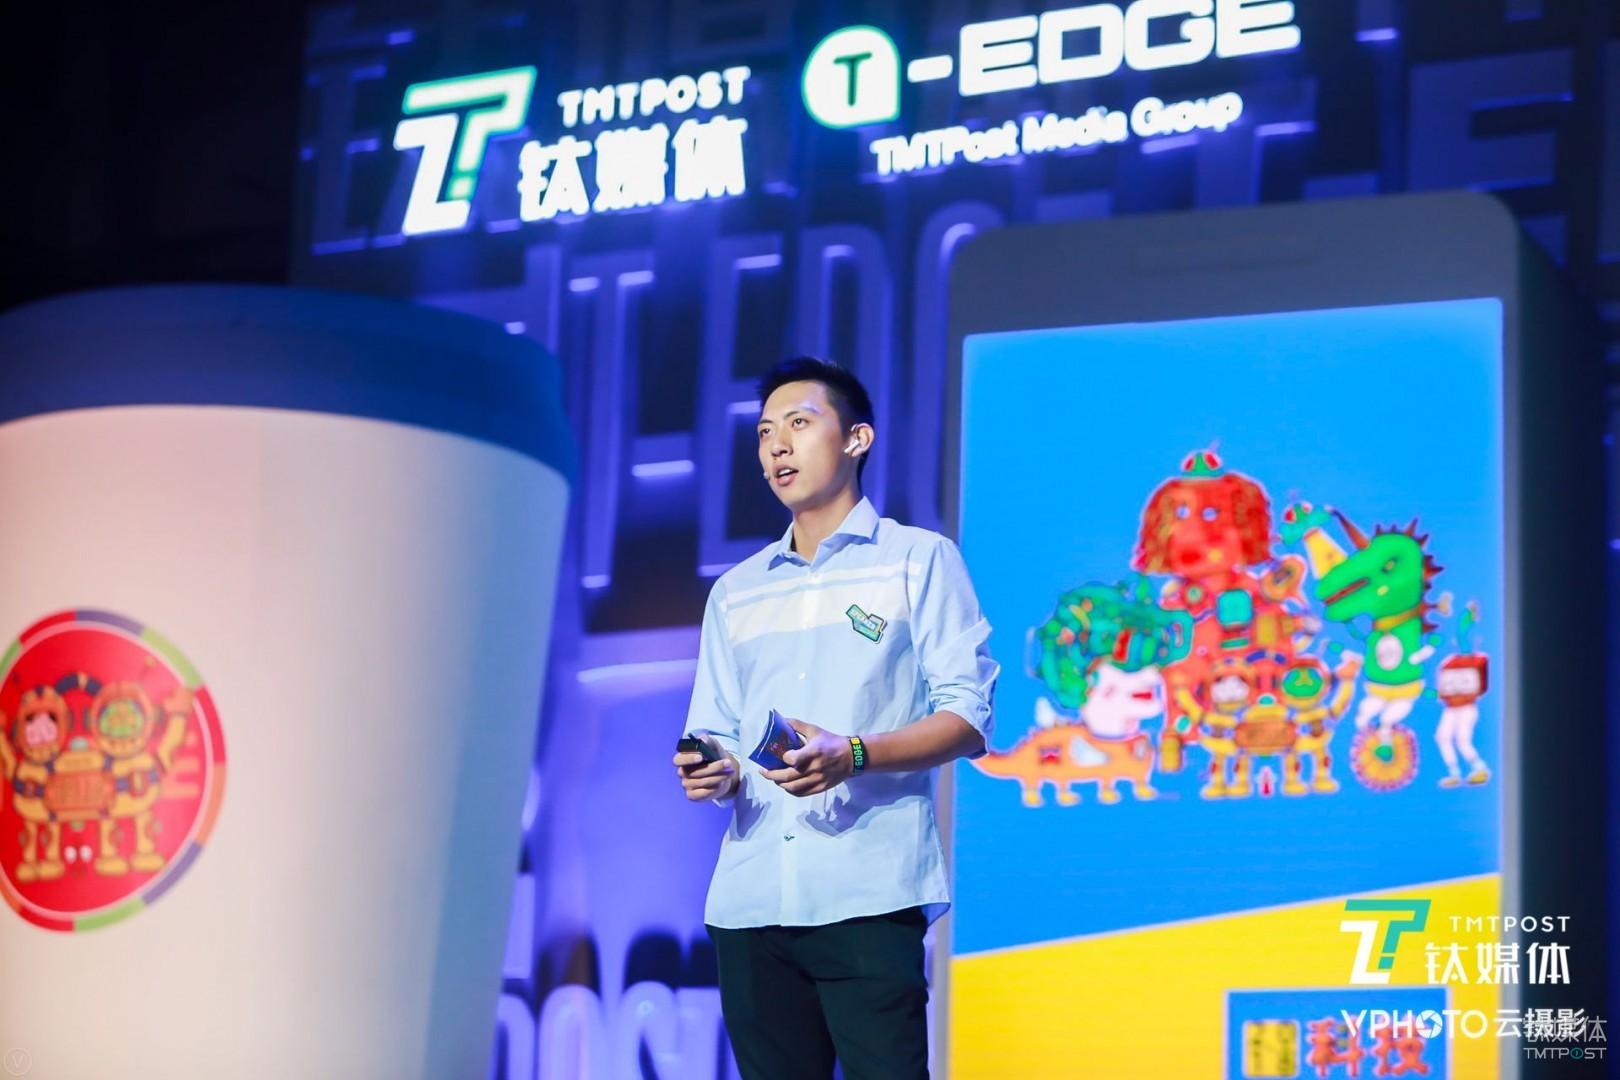 陈洁在2018科技生活节